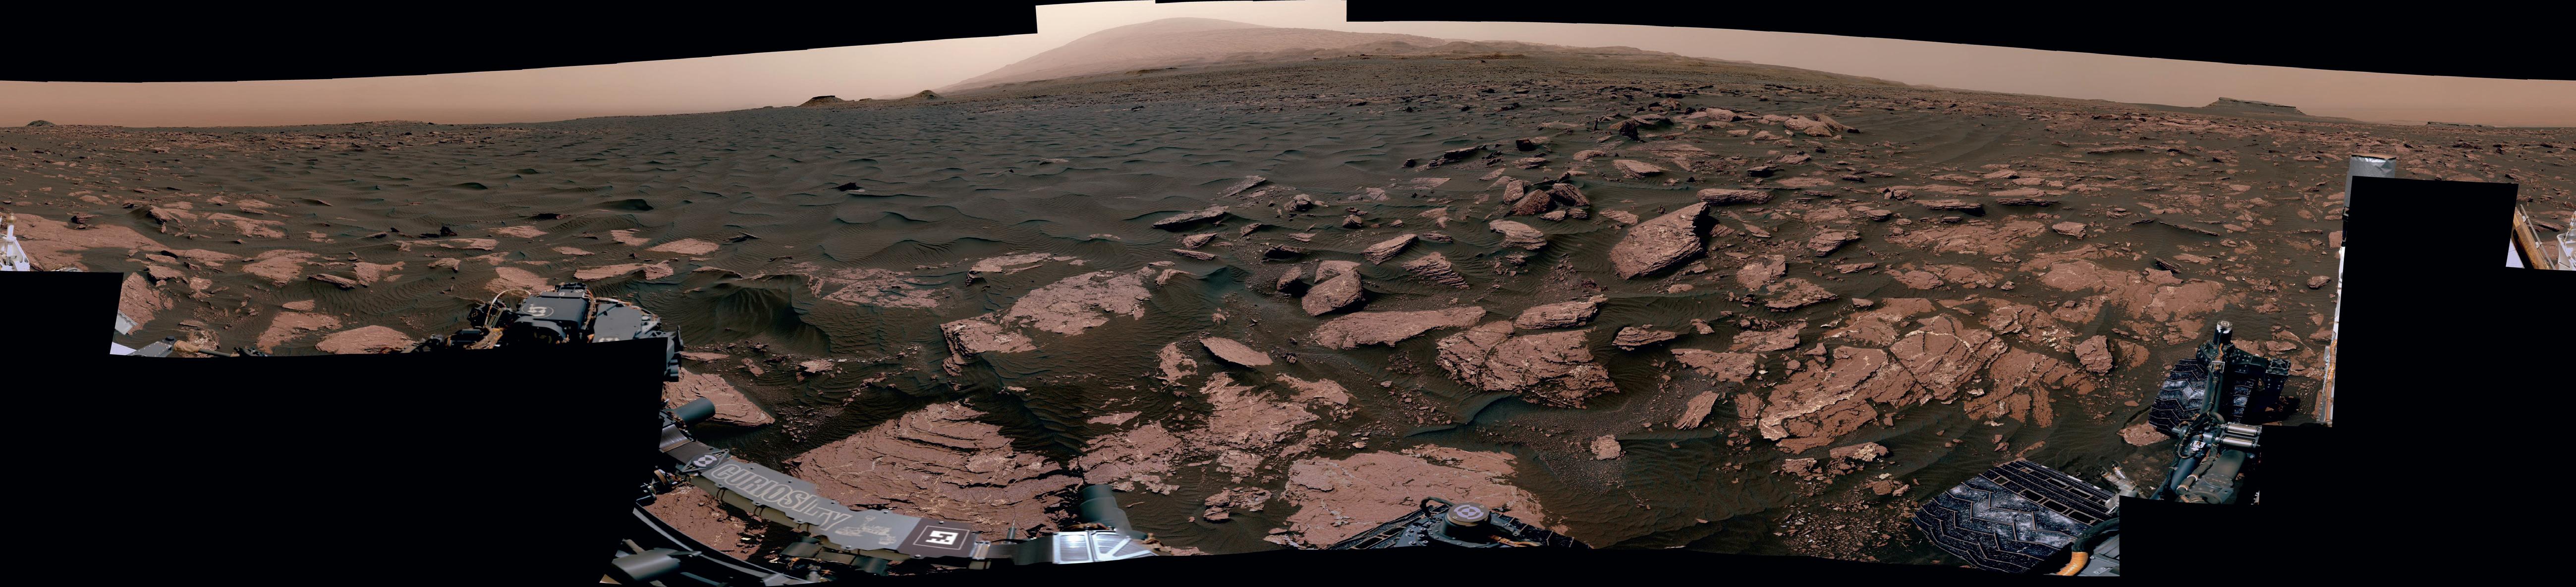 Curiosity прислал завораживающую новую марсианскую панораму